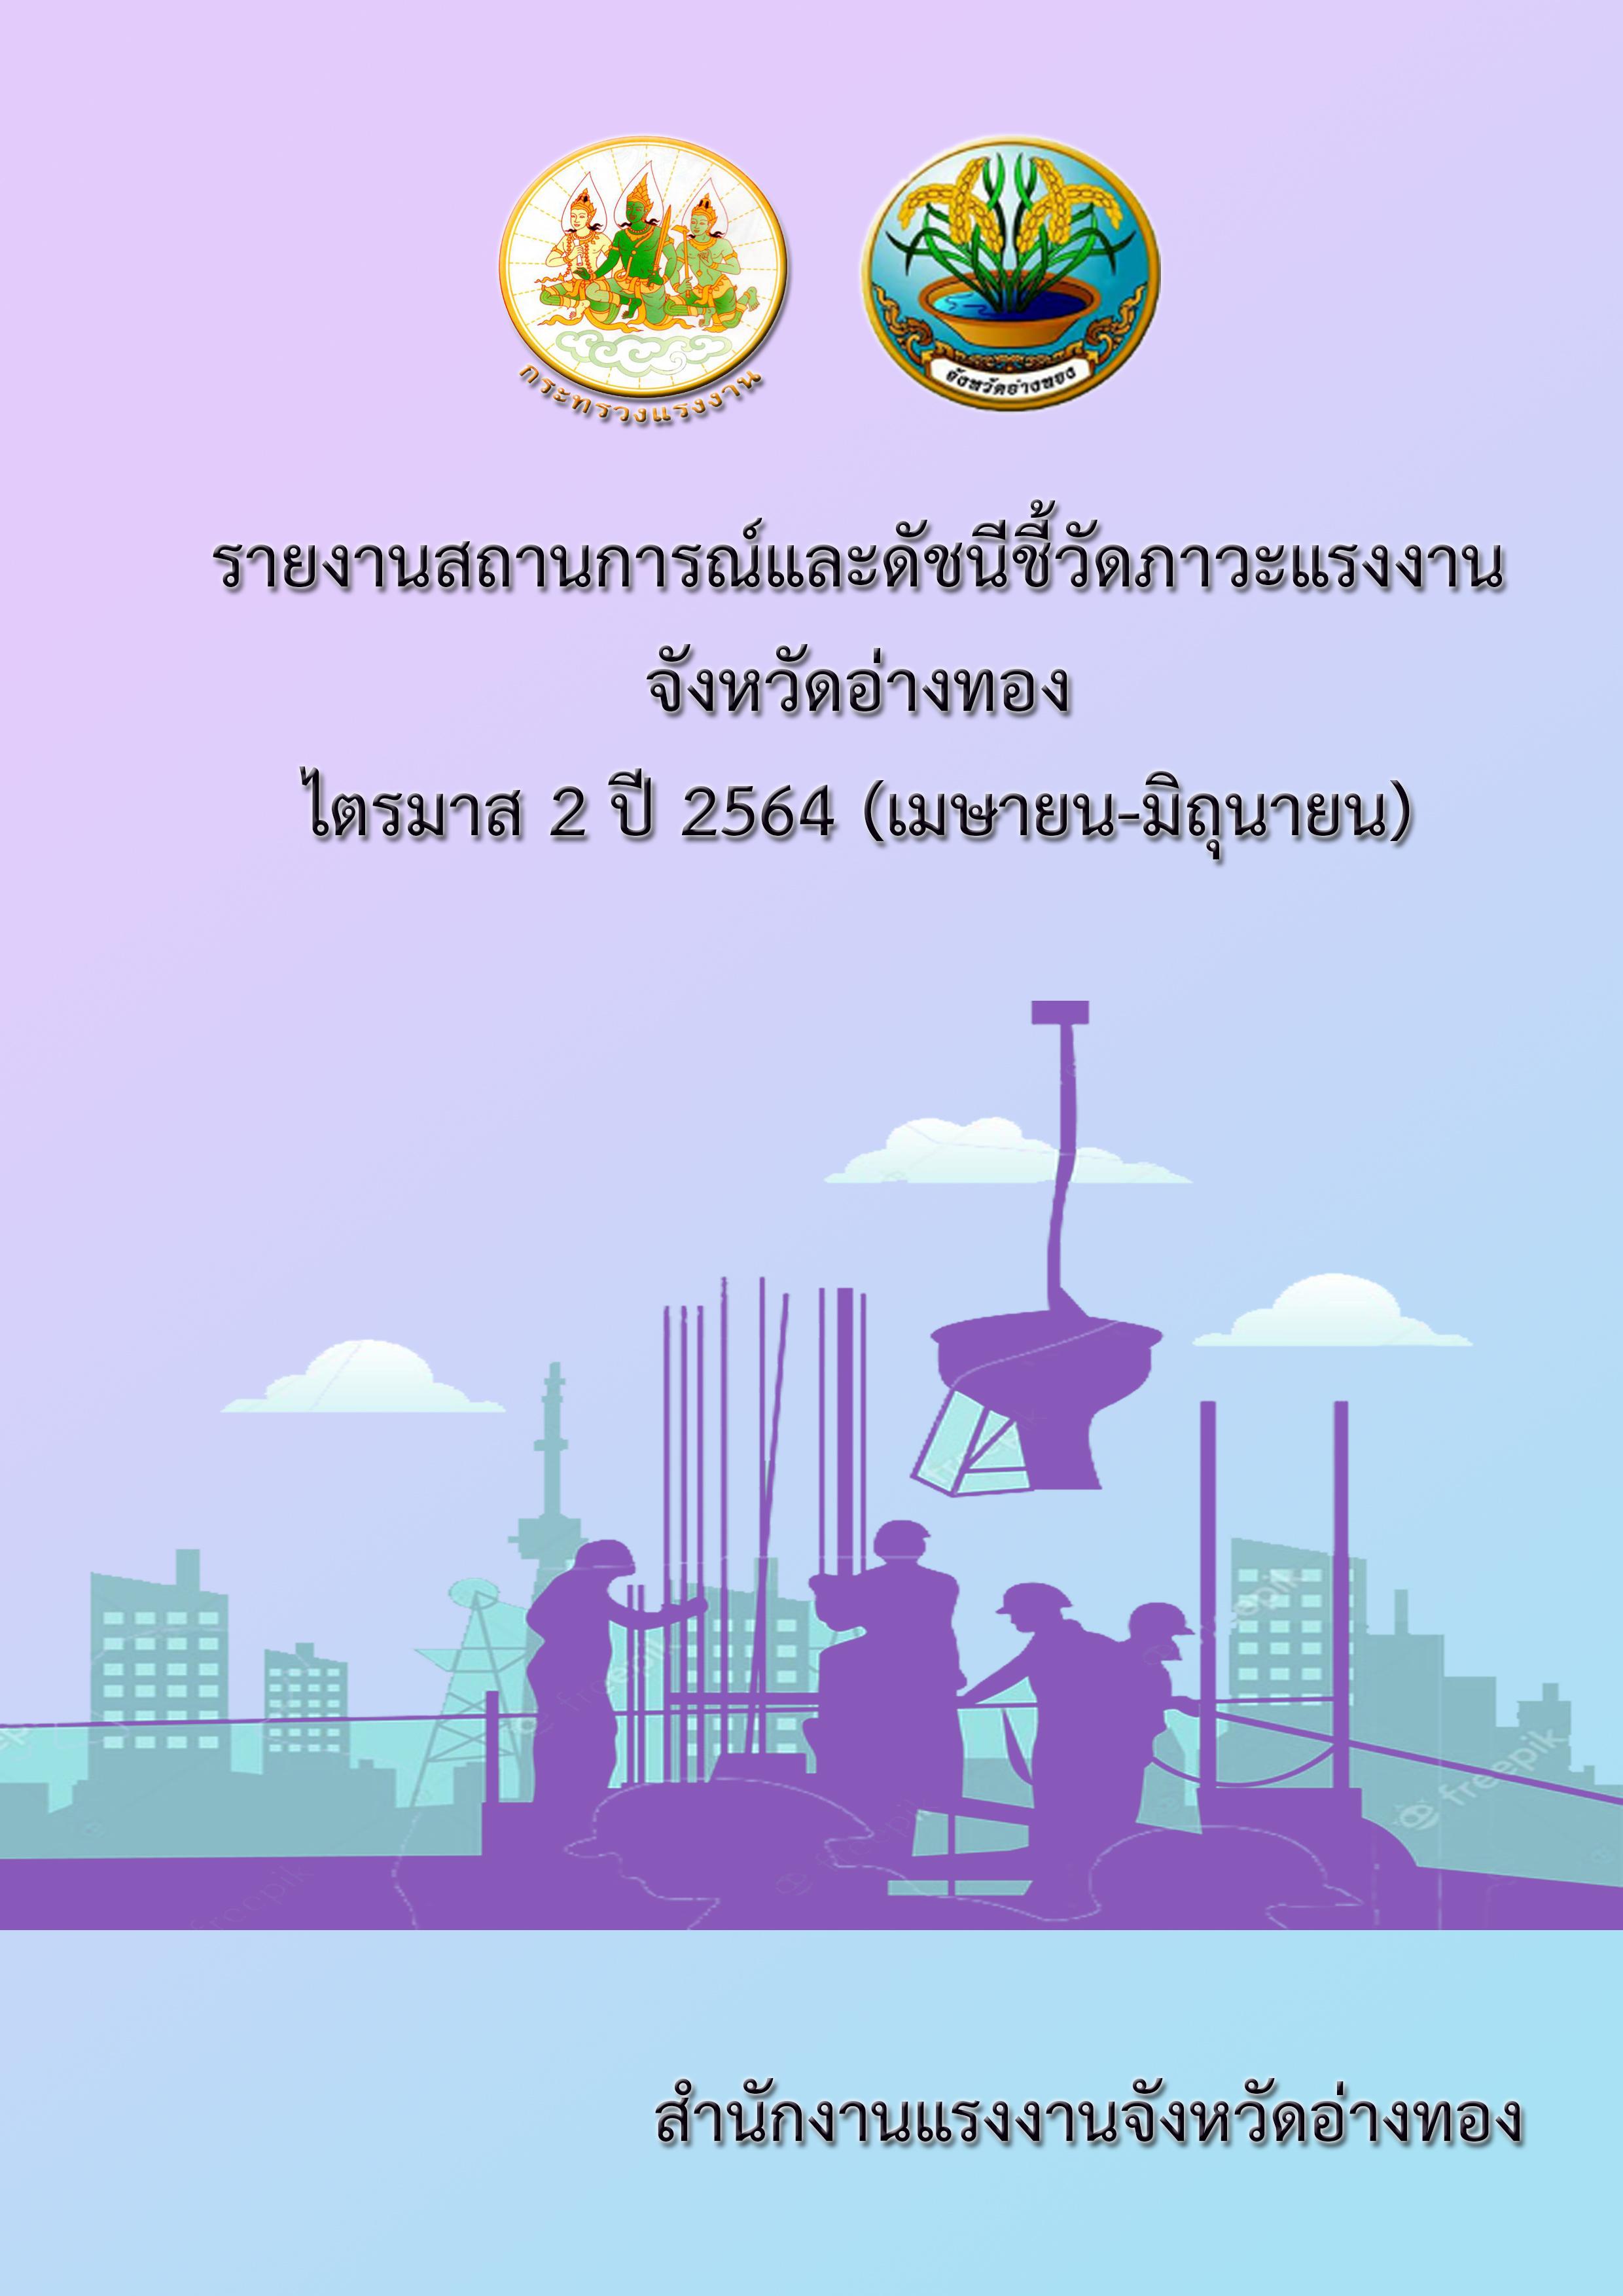 รายงานสถานการณ์และดัชนีชี้วัดภาวะแรงงานจังหวัดอ่างทอง ไตรมาส 2 ปี 2564 (เมษายน-มิถุนายน)